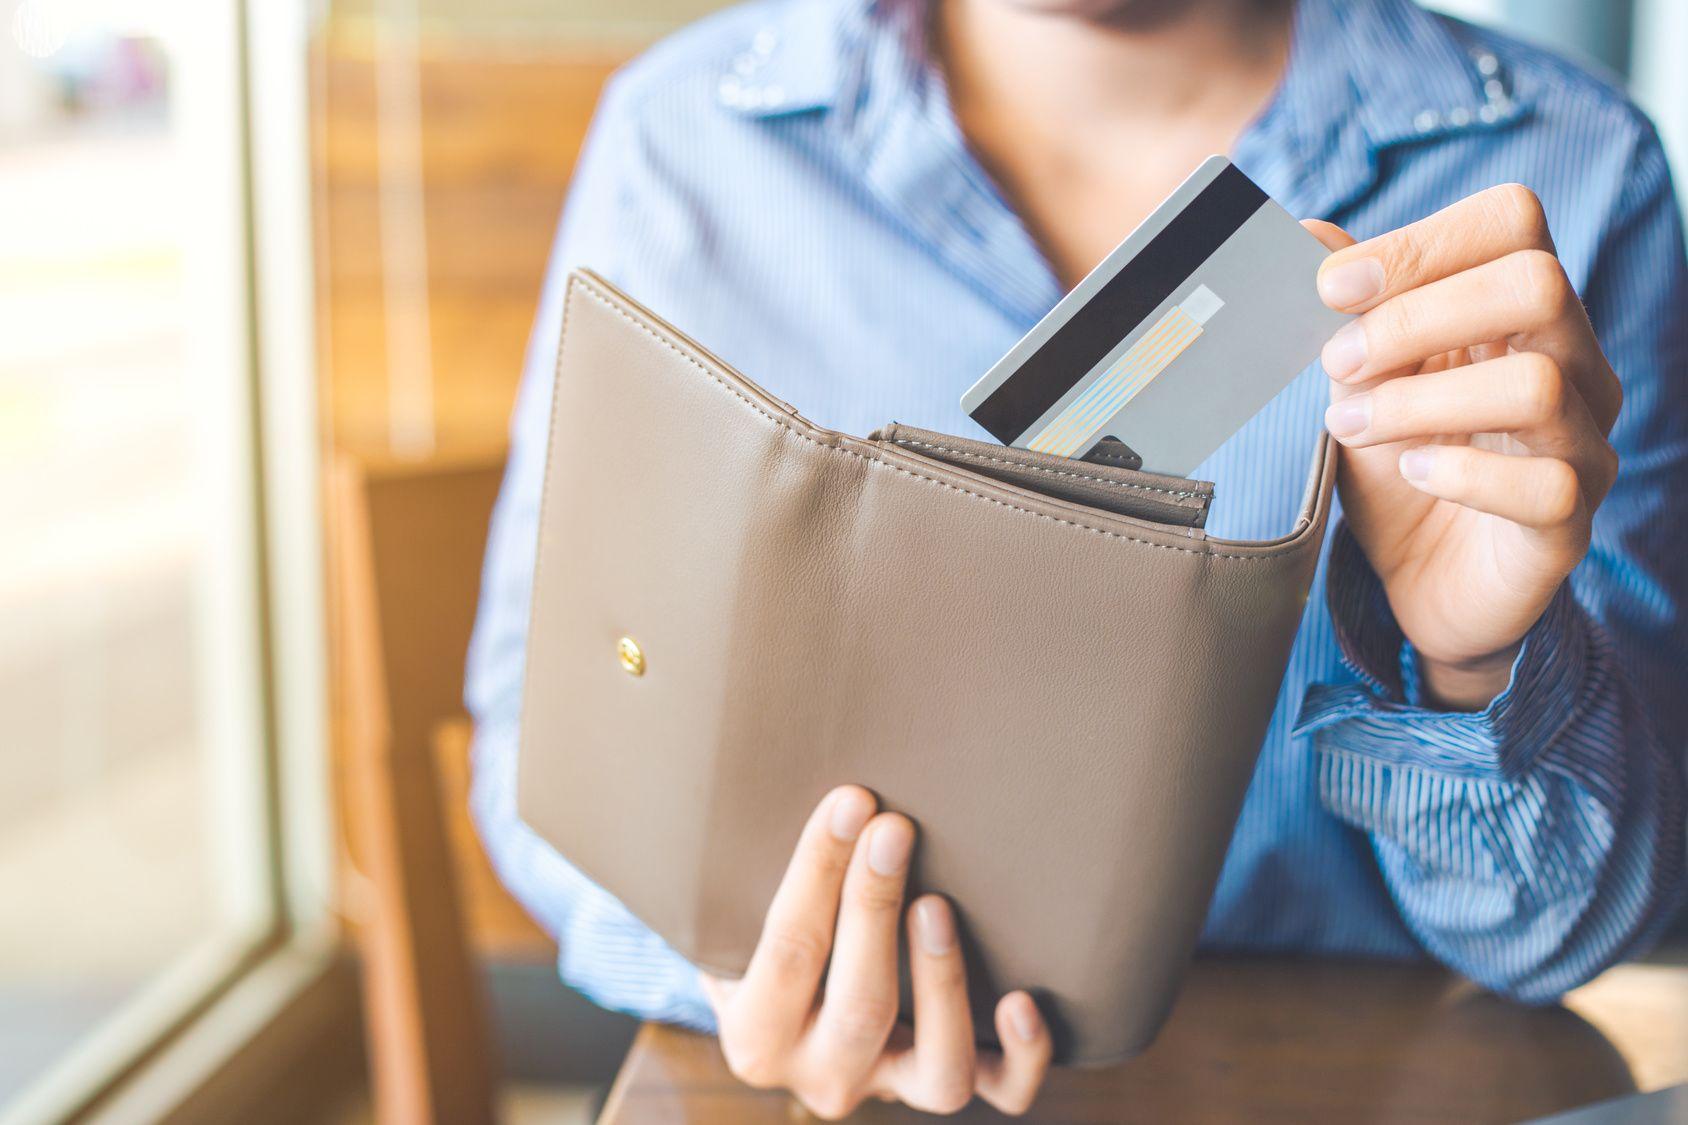 jak zabezpieczyć kartę płatniczą